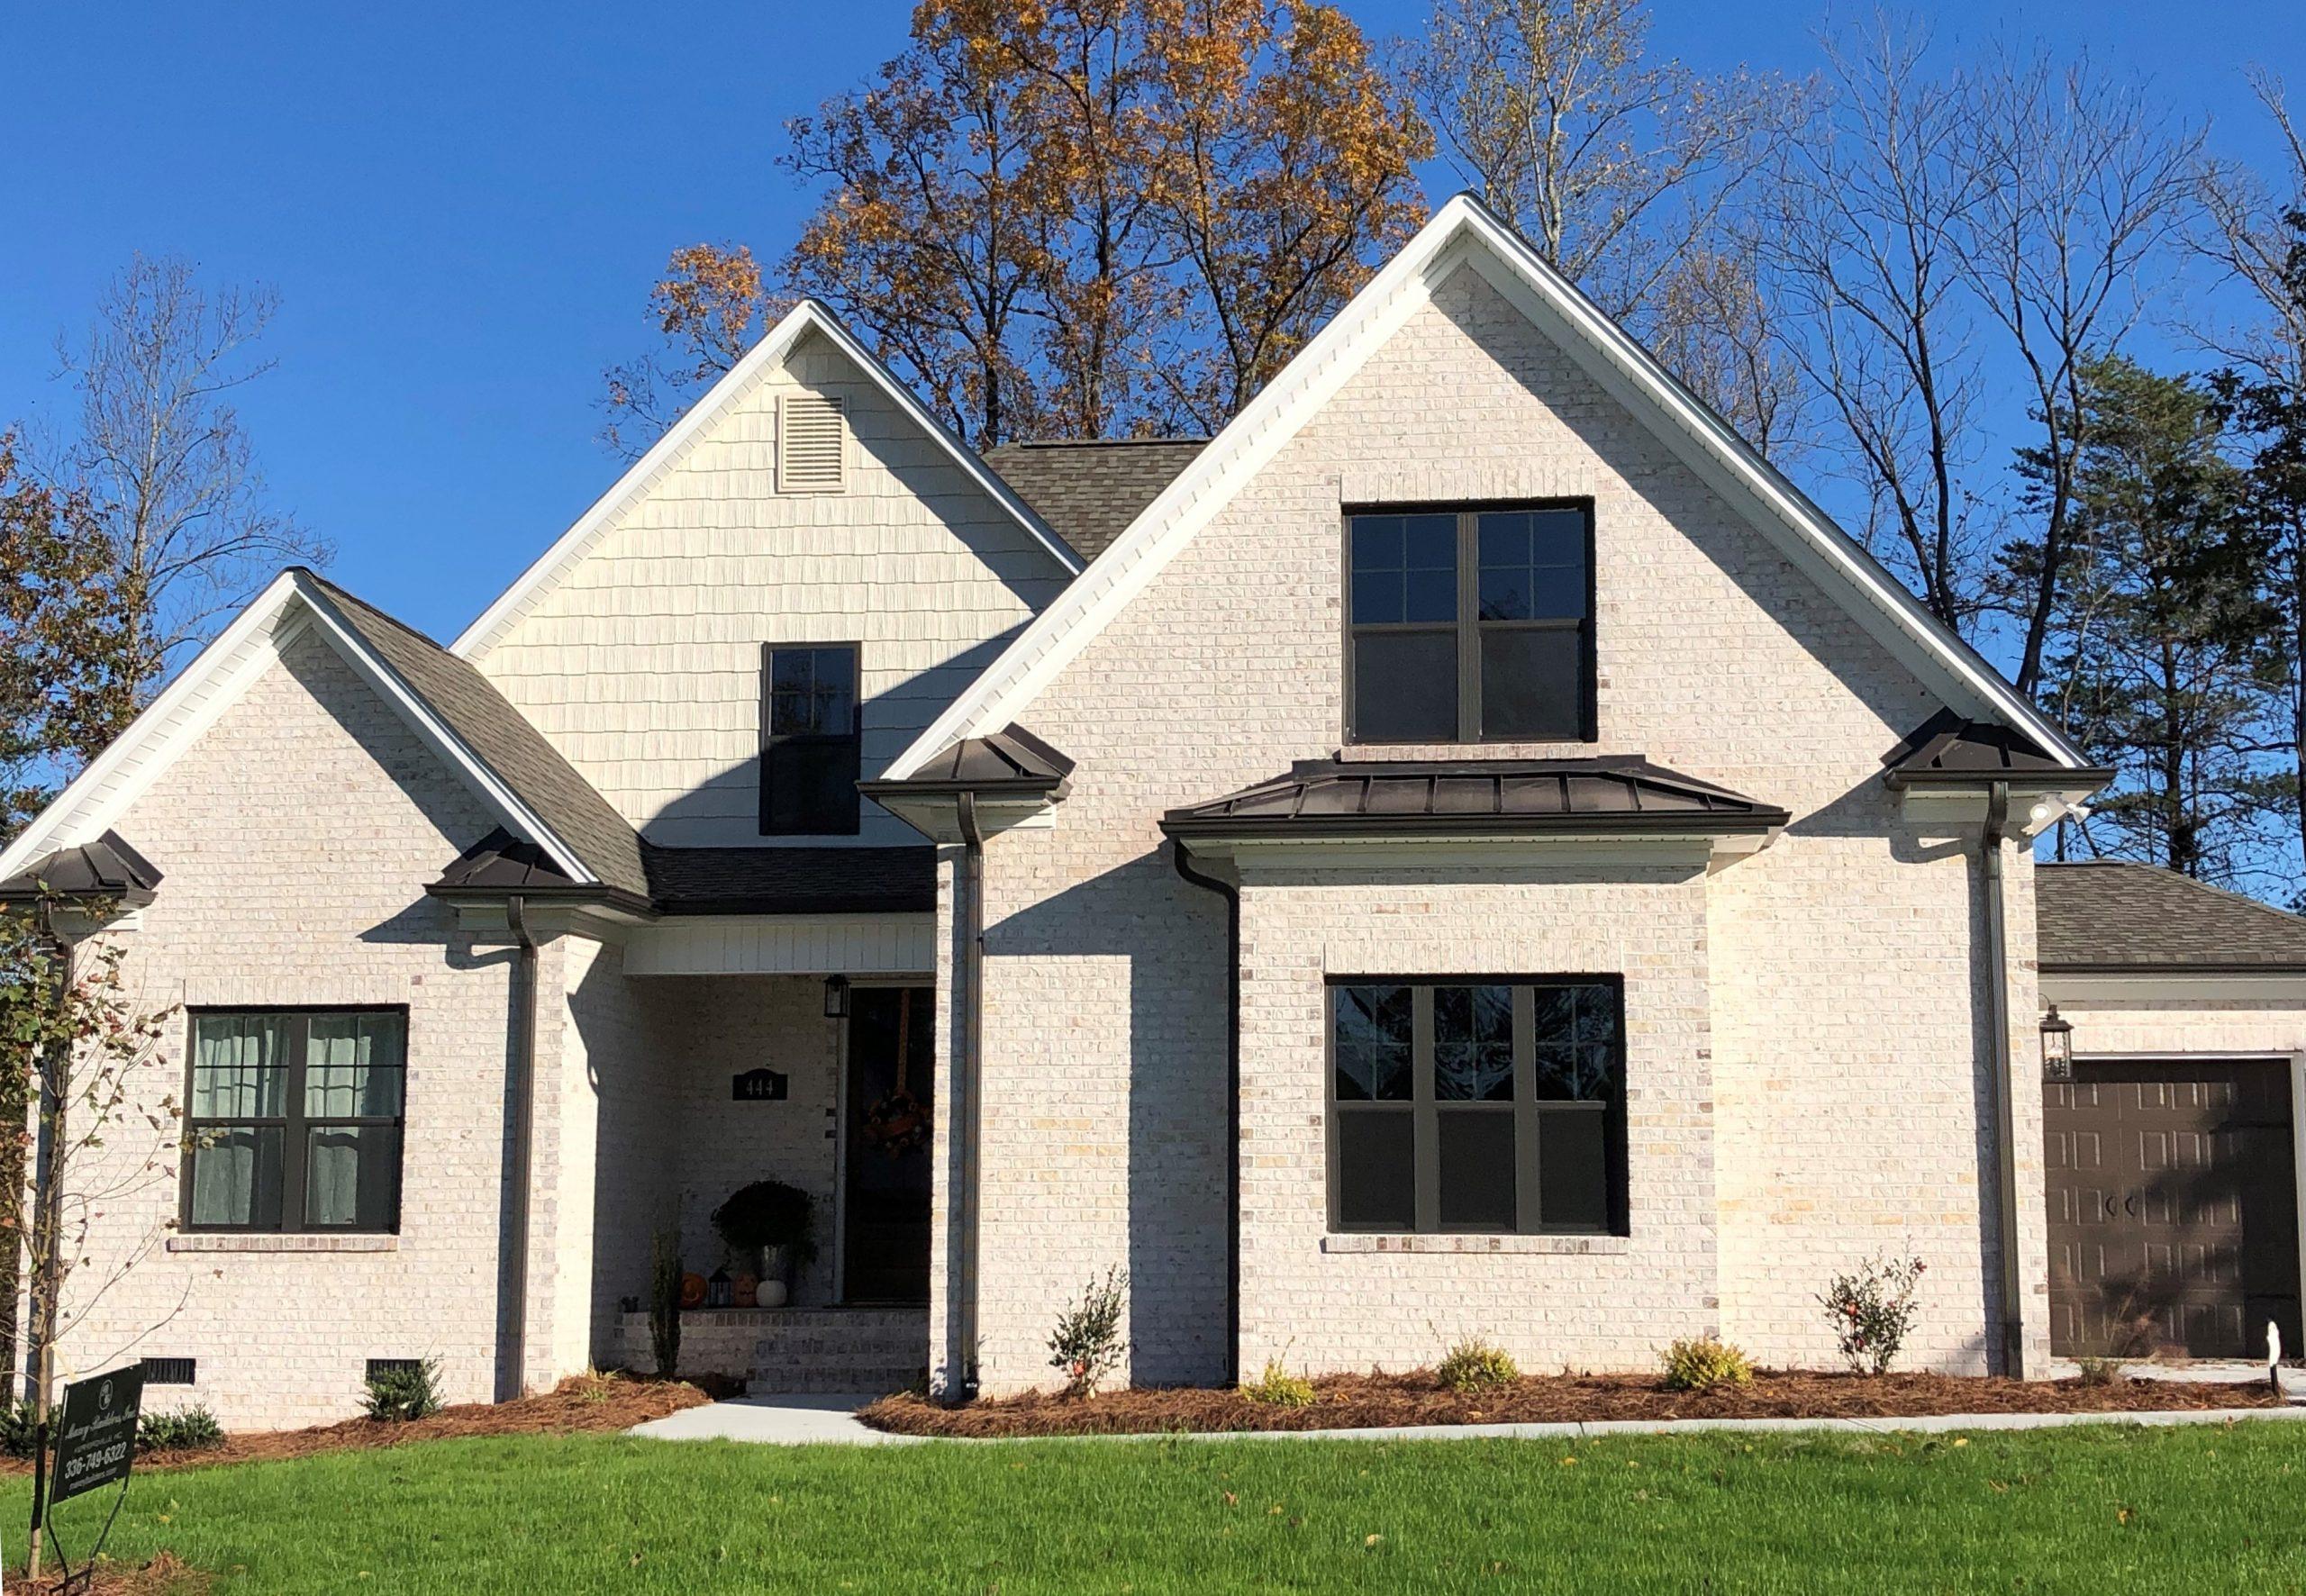 Villa Chase - White Mortar - White Brick